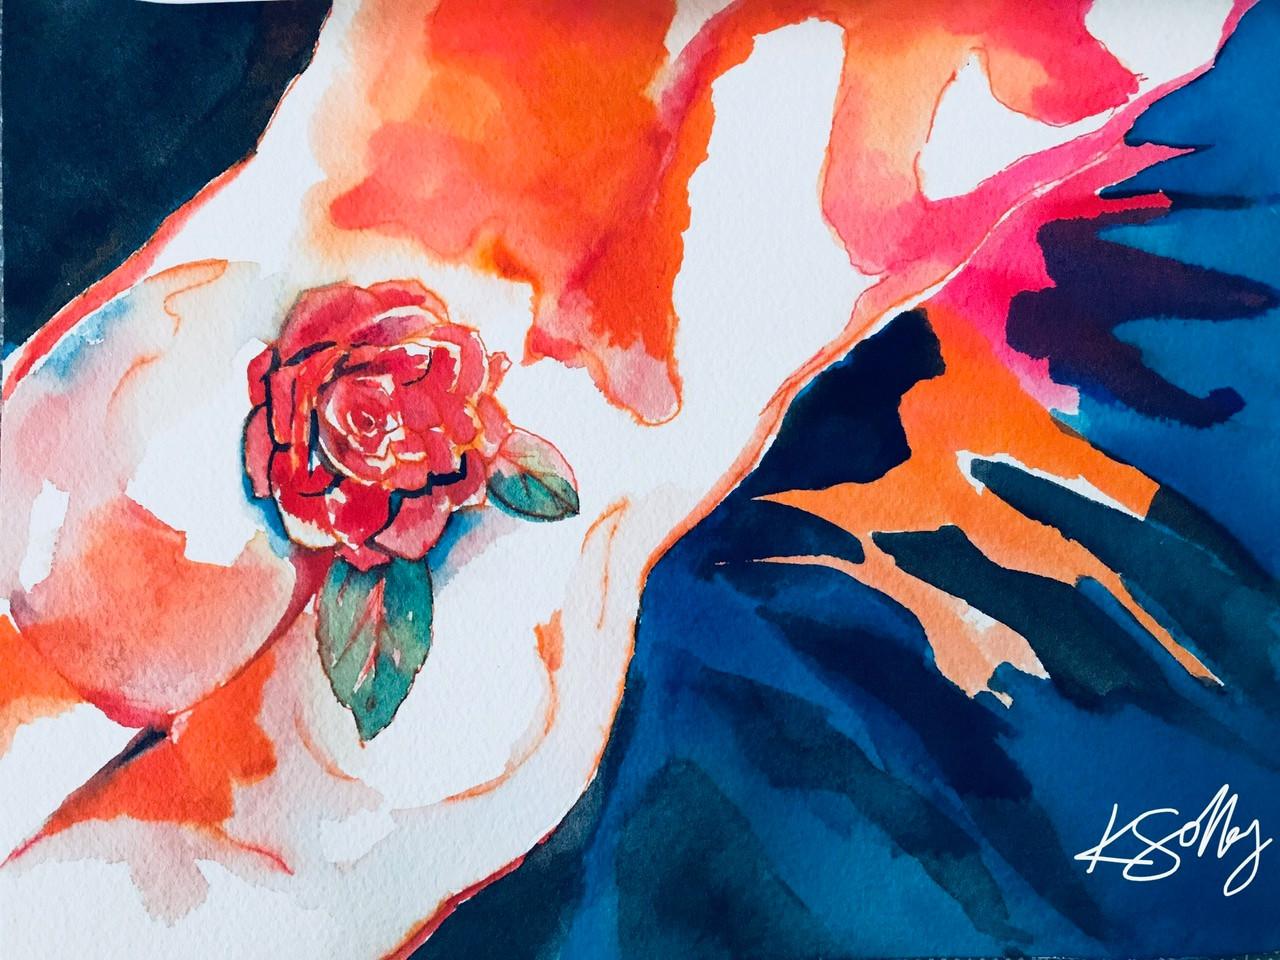 Rose (Kieran Solley)